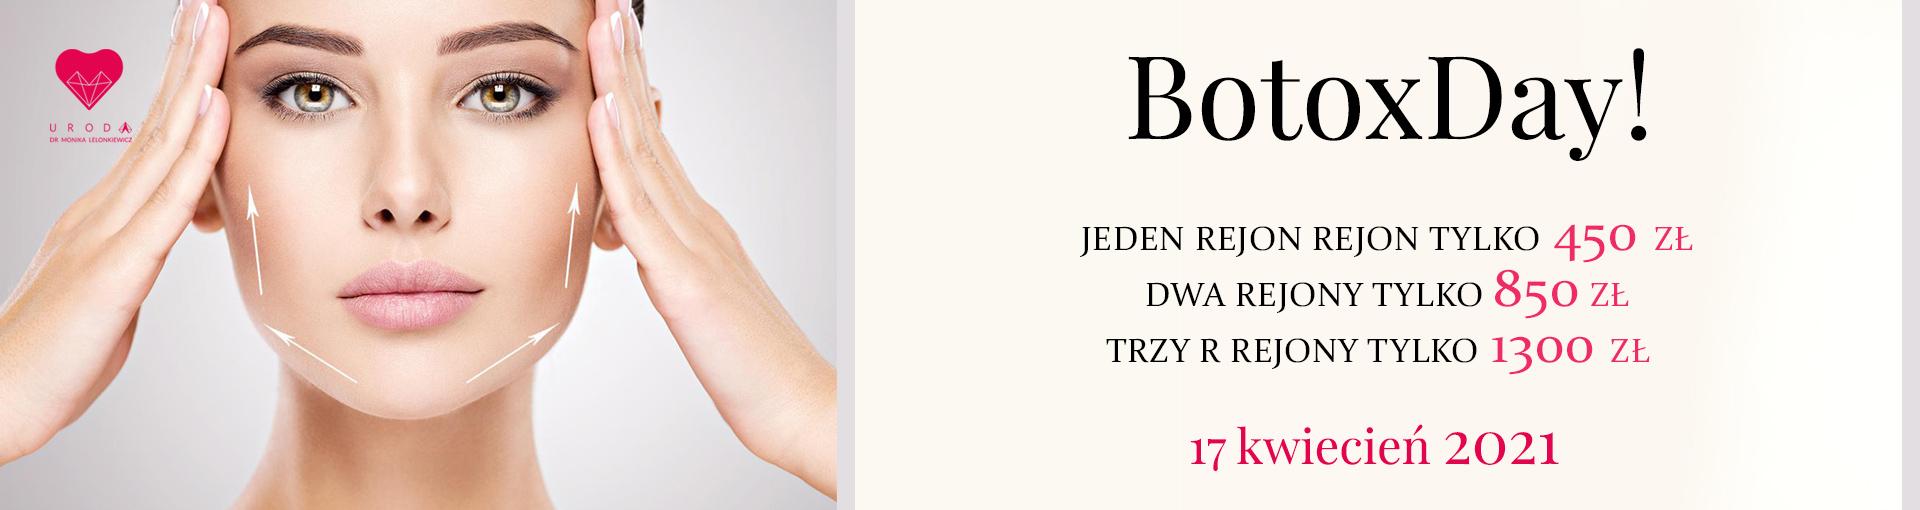 BotoxDay 2021 | 17 KWIECIEŃ